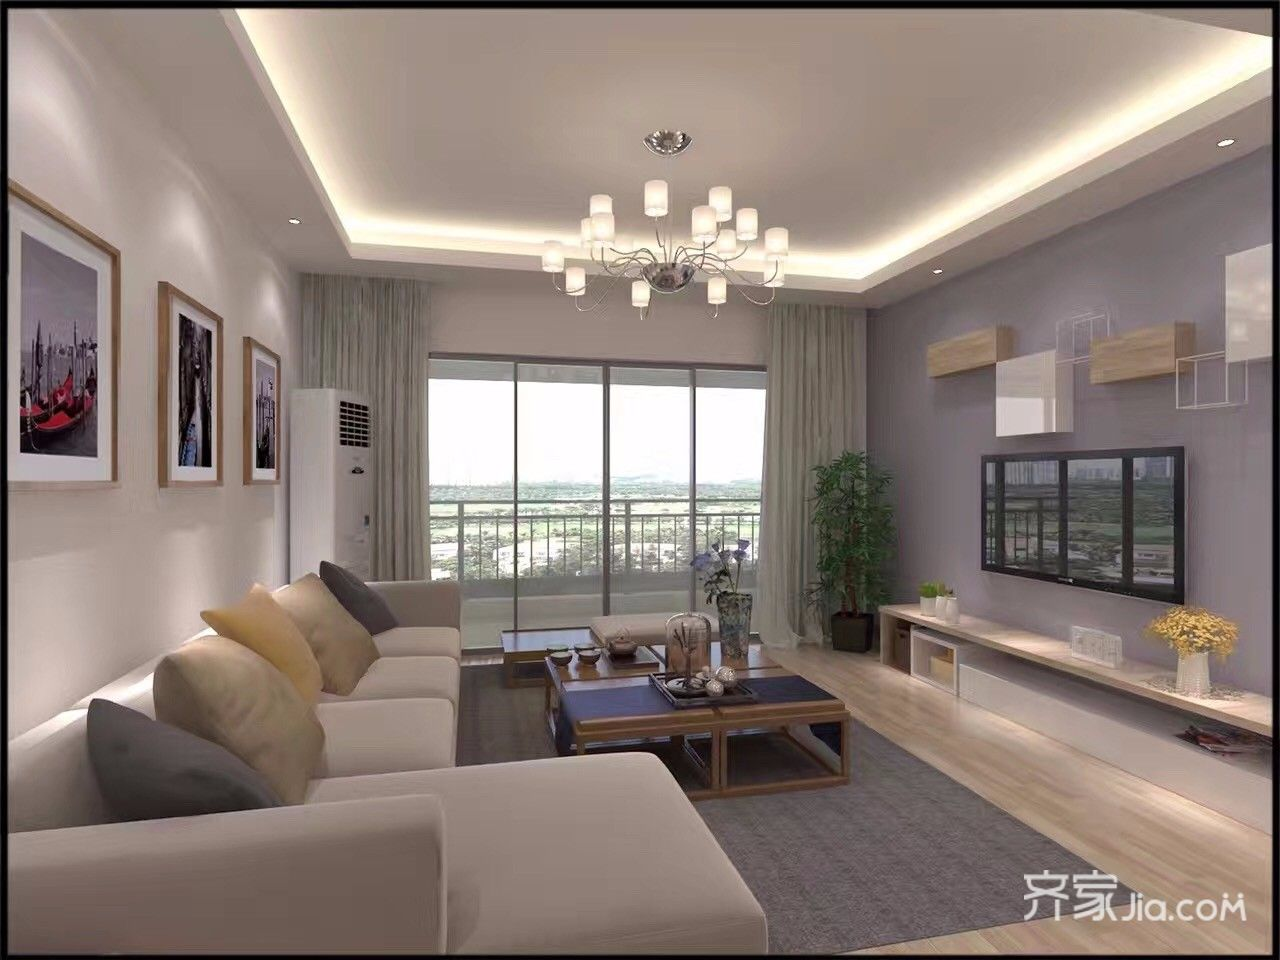 115平简约三居室电视背景墙装修效果图